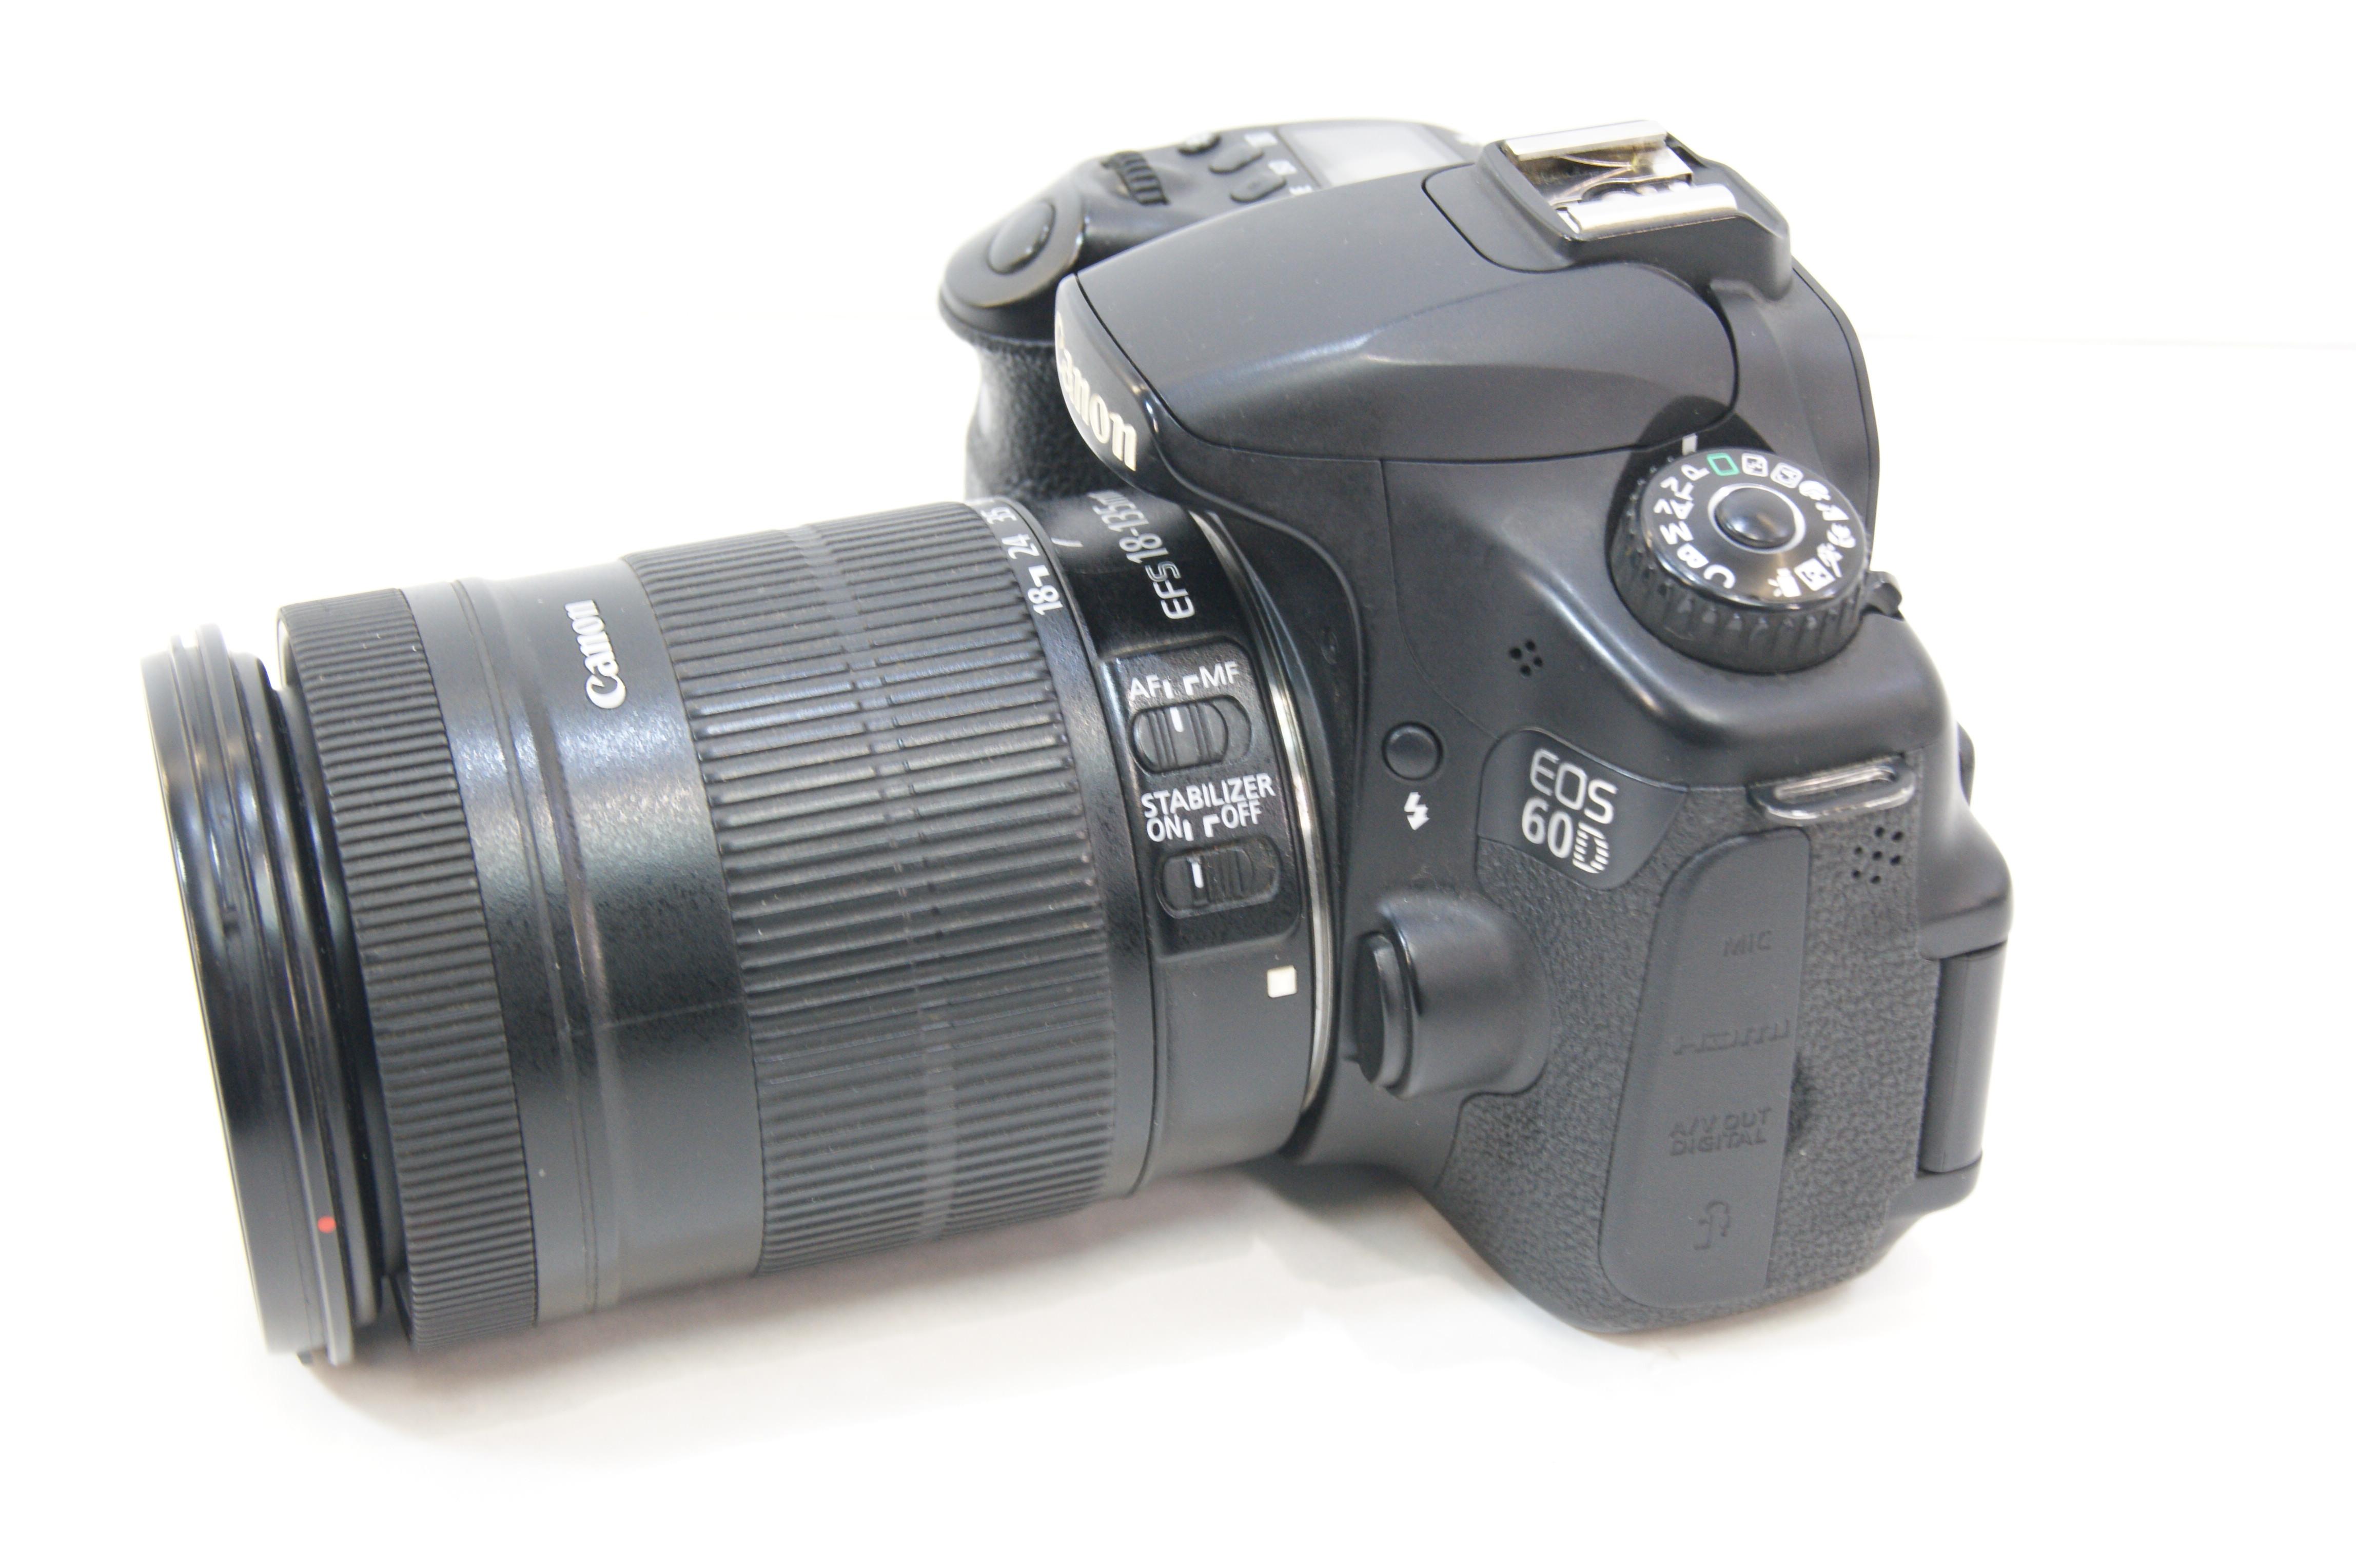 нужное линейка полупрофессиональных фотоаппаратов кэнон состоит одного яруса